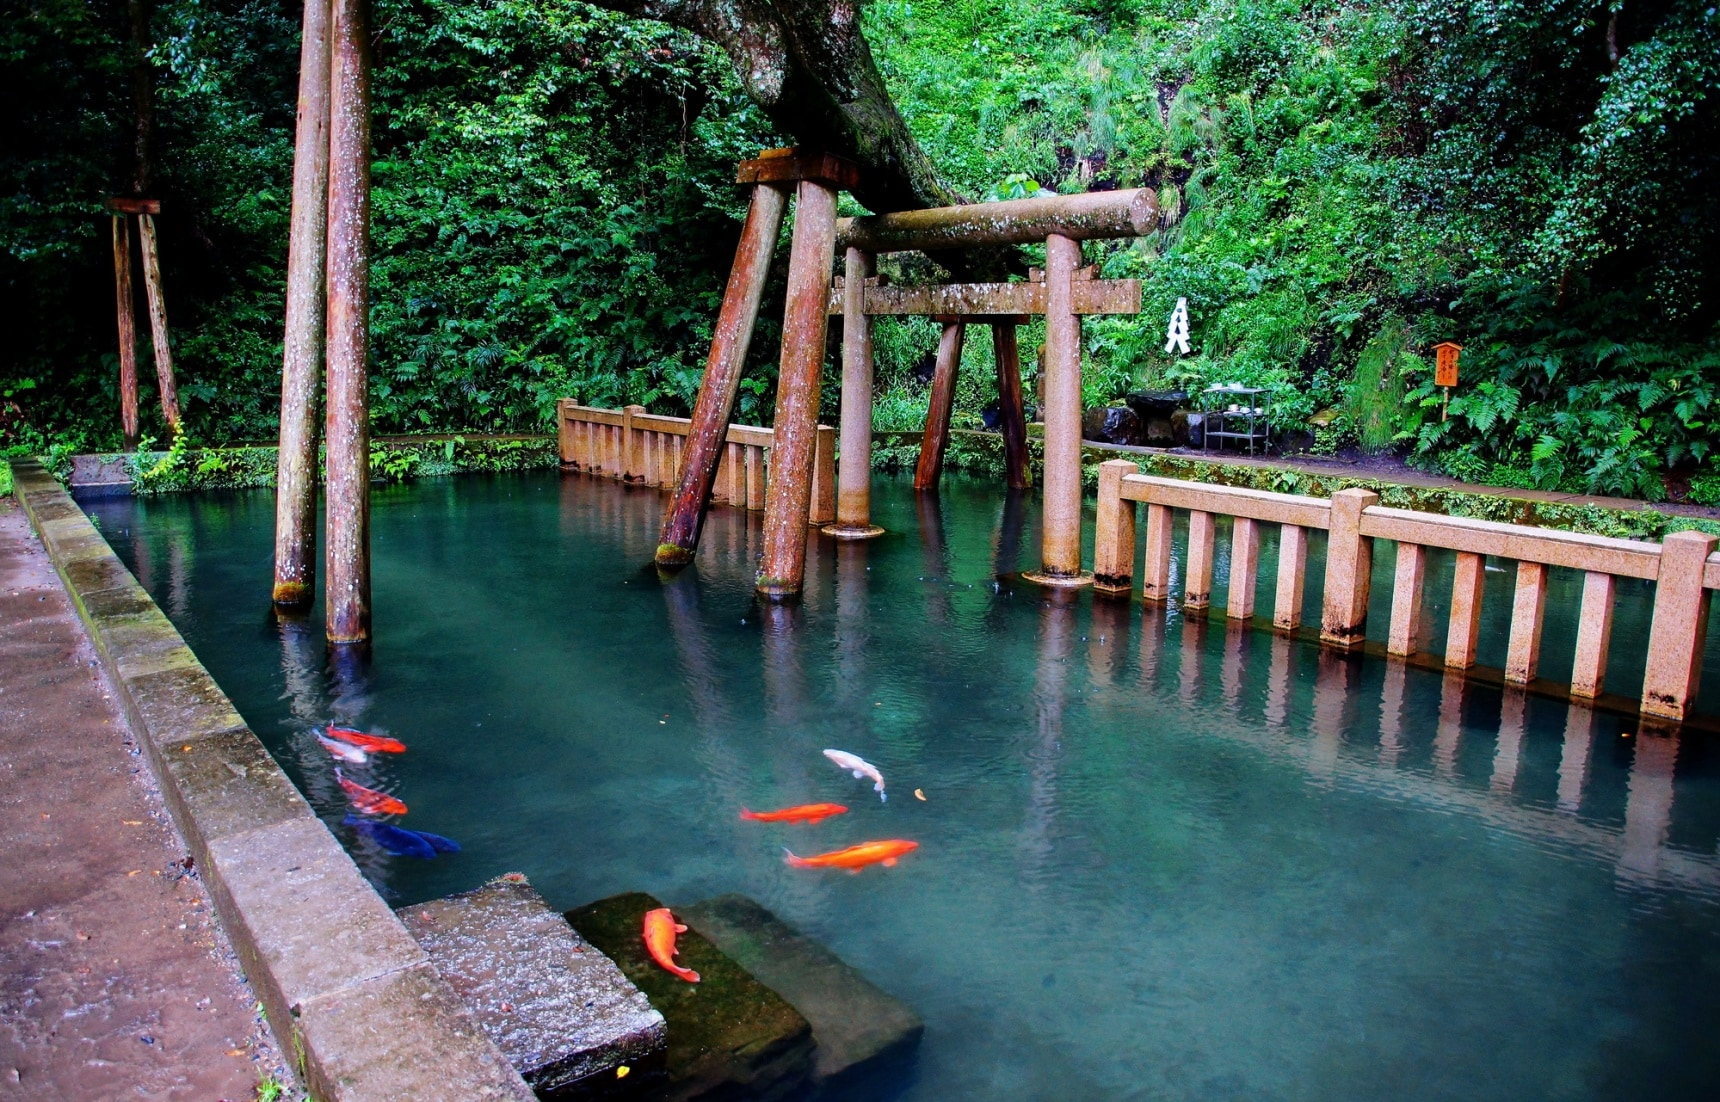 智游人|清池与锦里的故事,探寻鹿岛神宫的奥秘